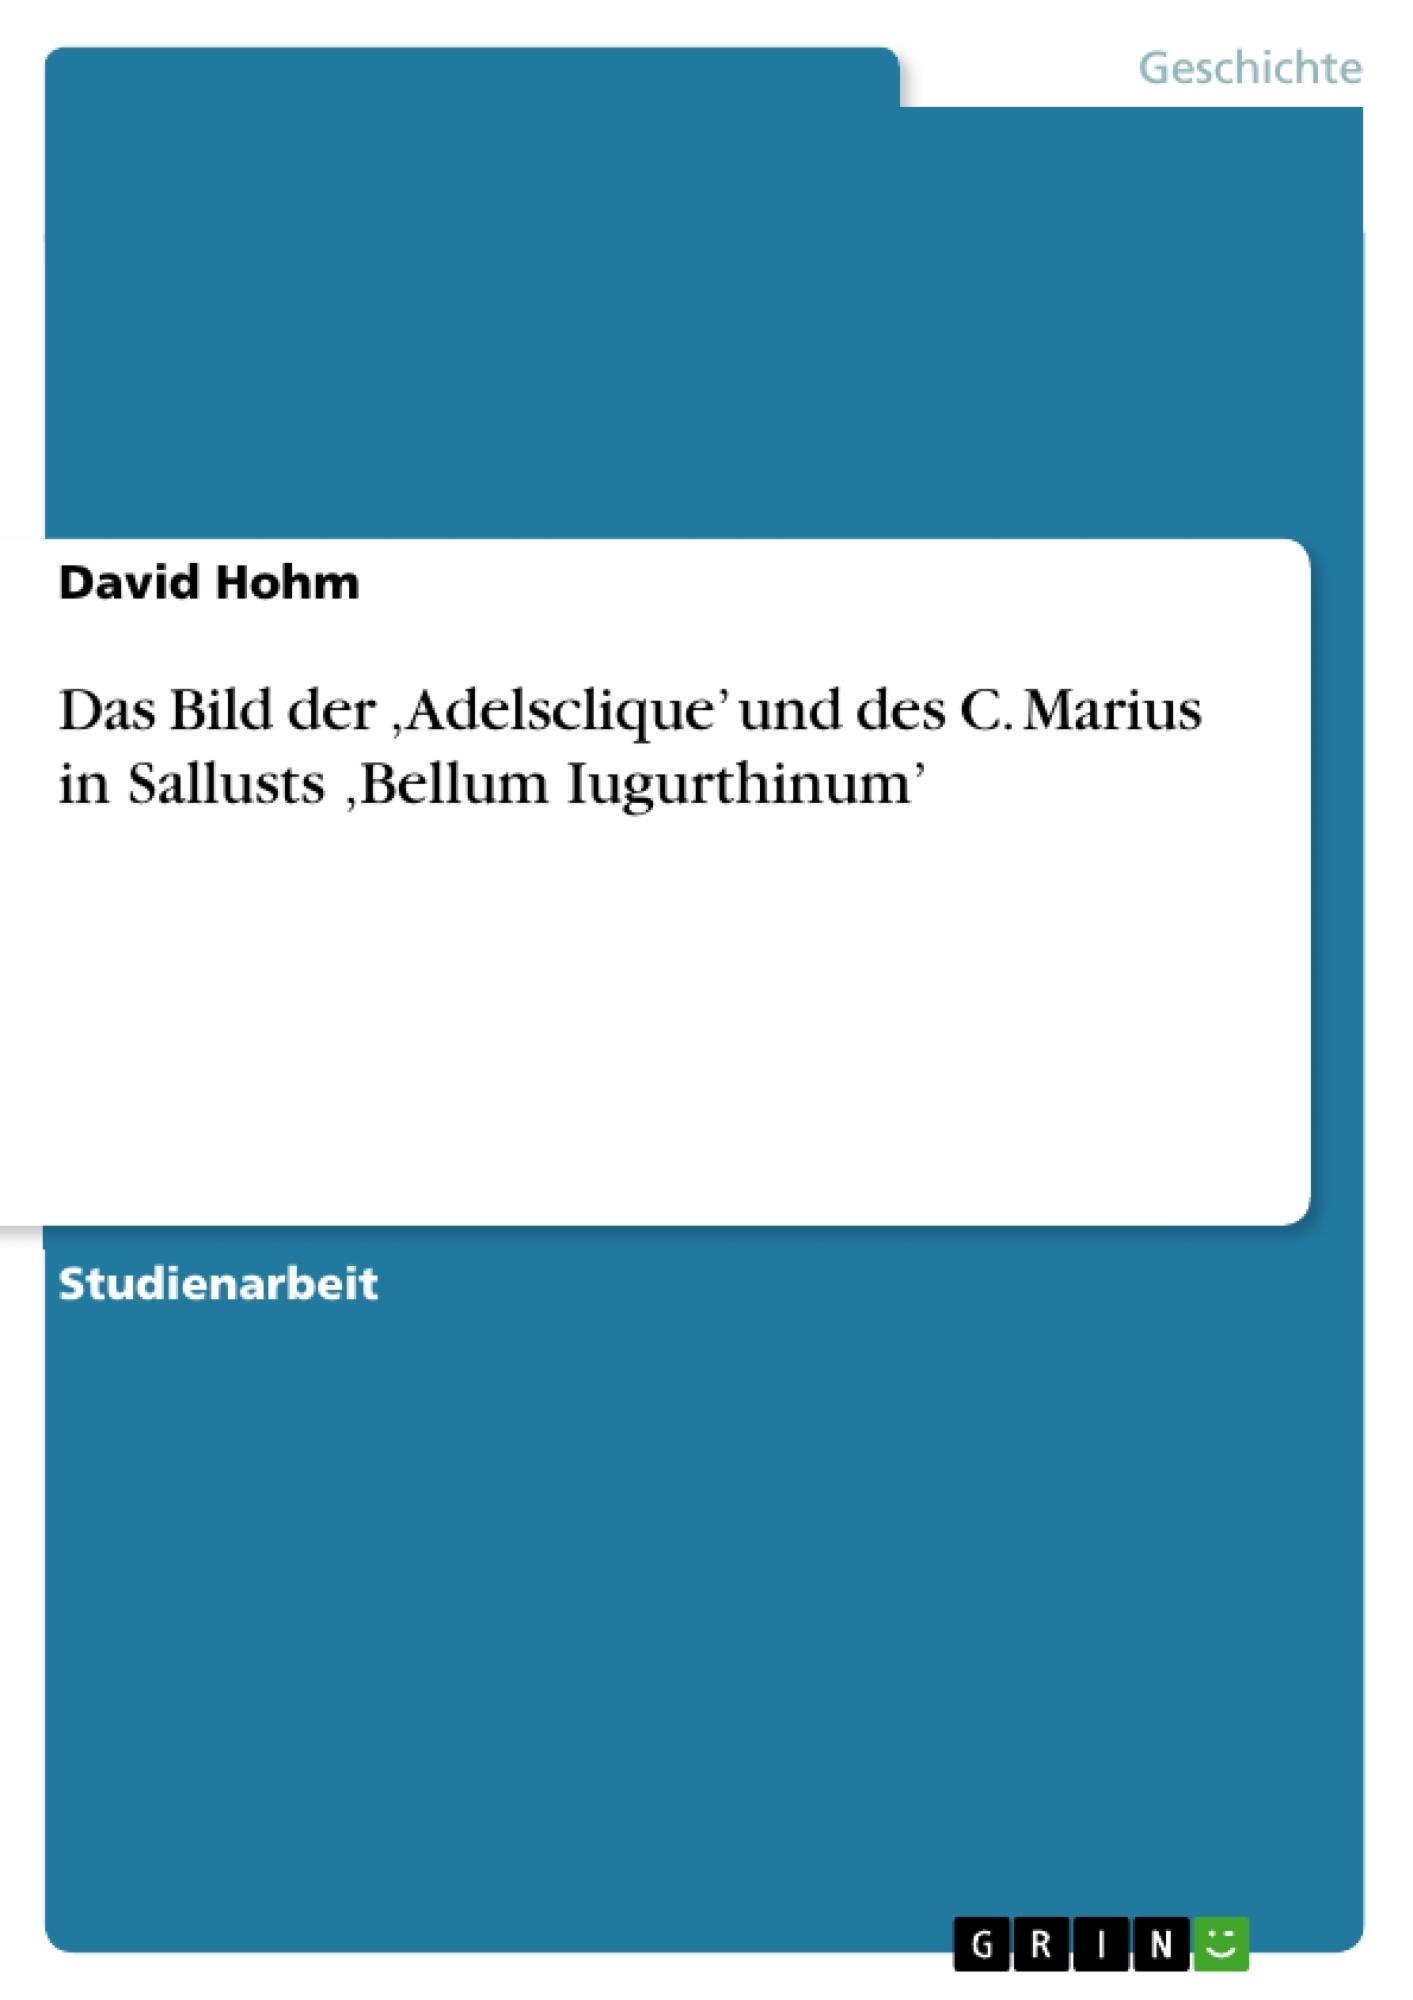 Titel: Das Bild der 'Adelsclique' und des C. Marius in Sallusts 'Bellum Iugurthinum'